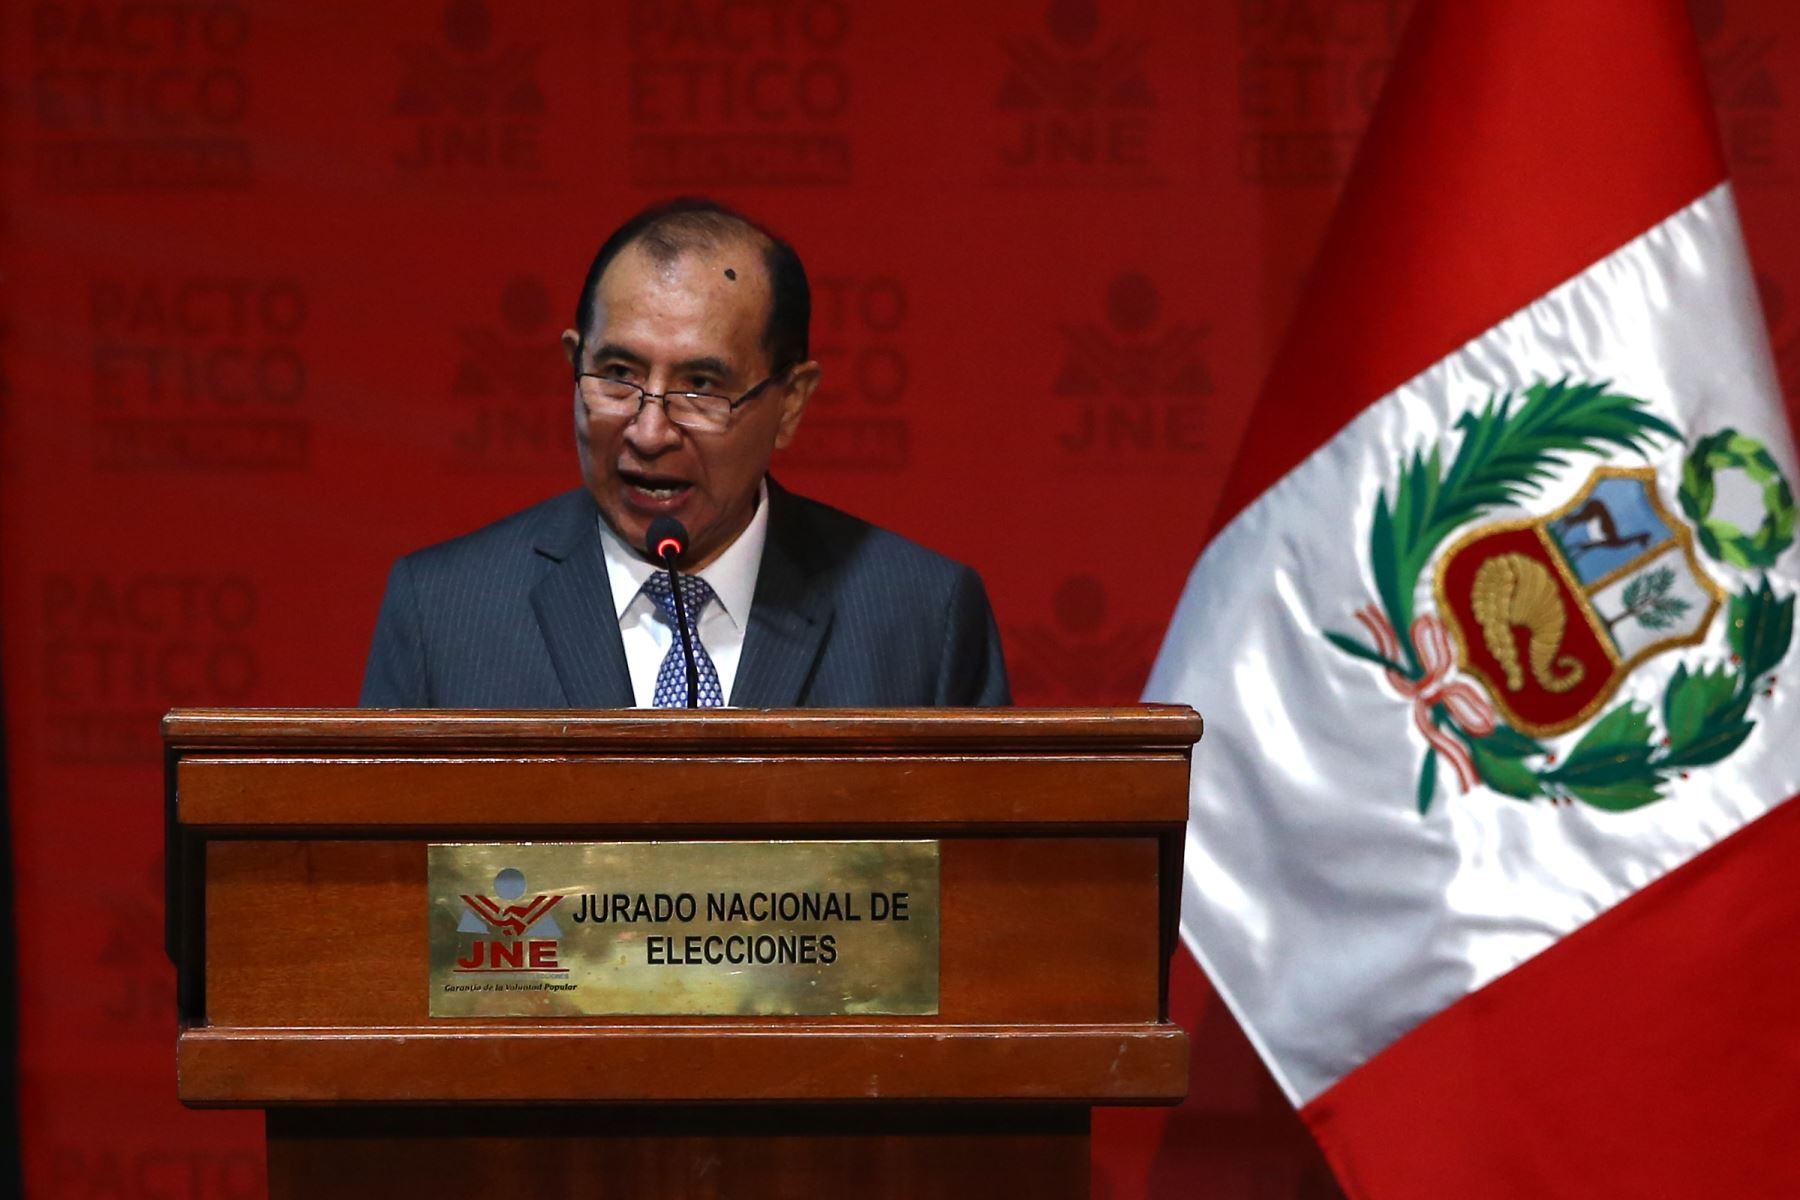 Victor Ticona, Presidente de Jurado Nacional de Elecciones participa en firma del Pacto Ético Electoral. Foto: ANDINA/Vidal Tarqui